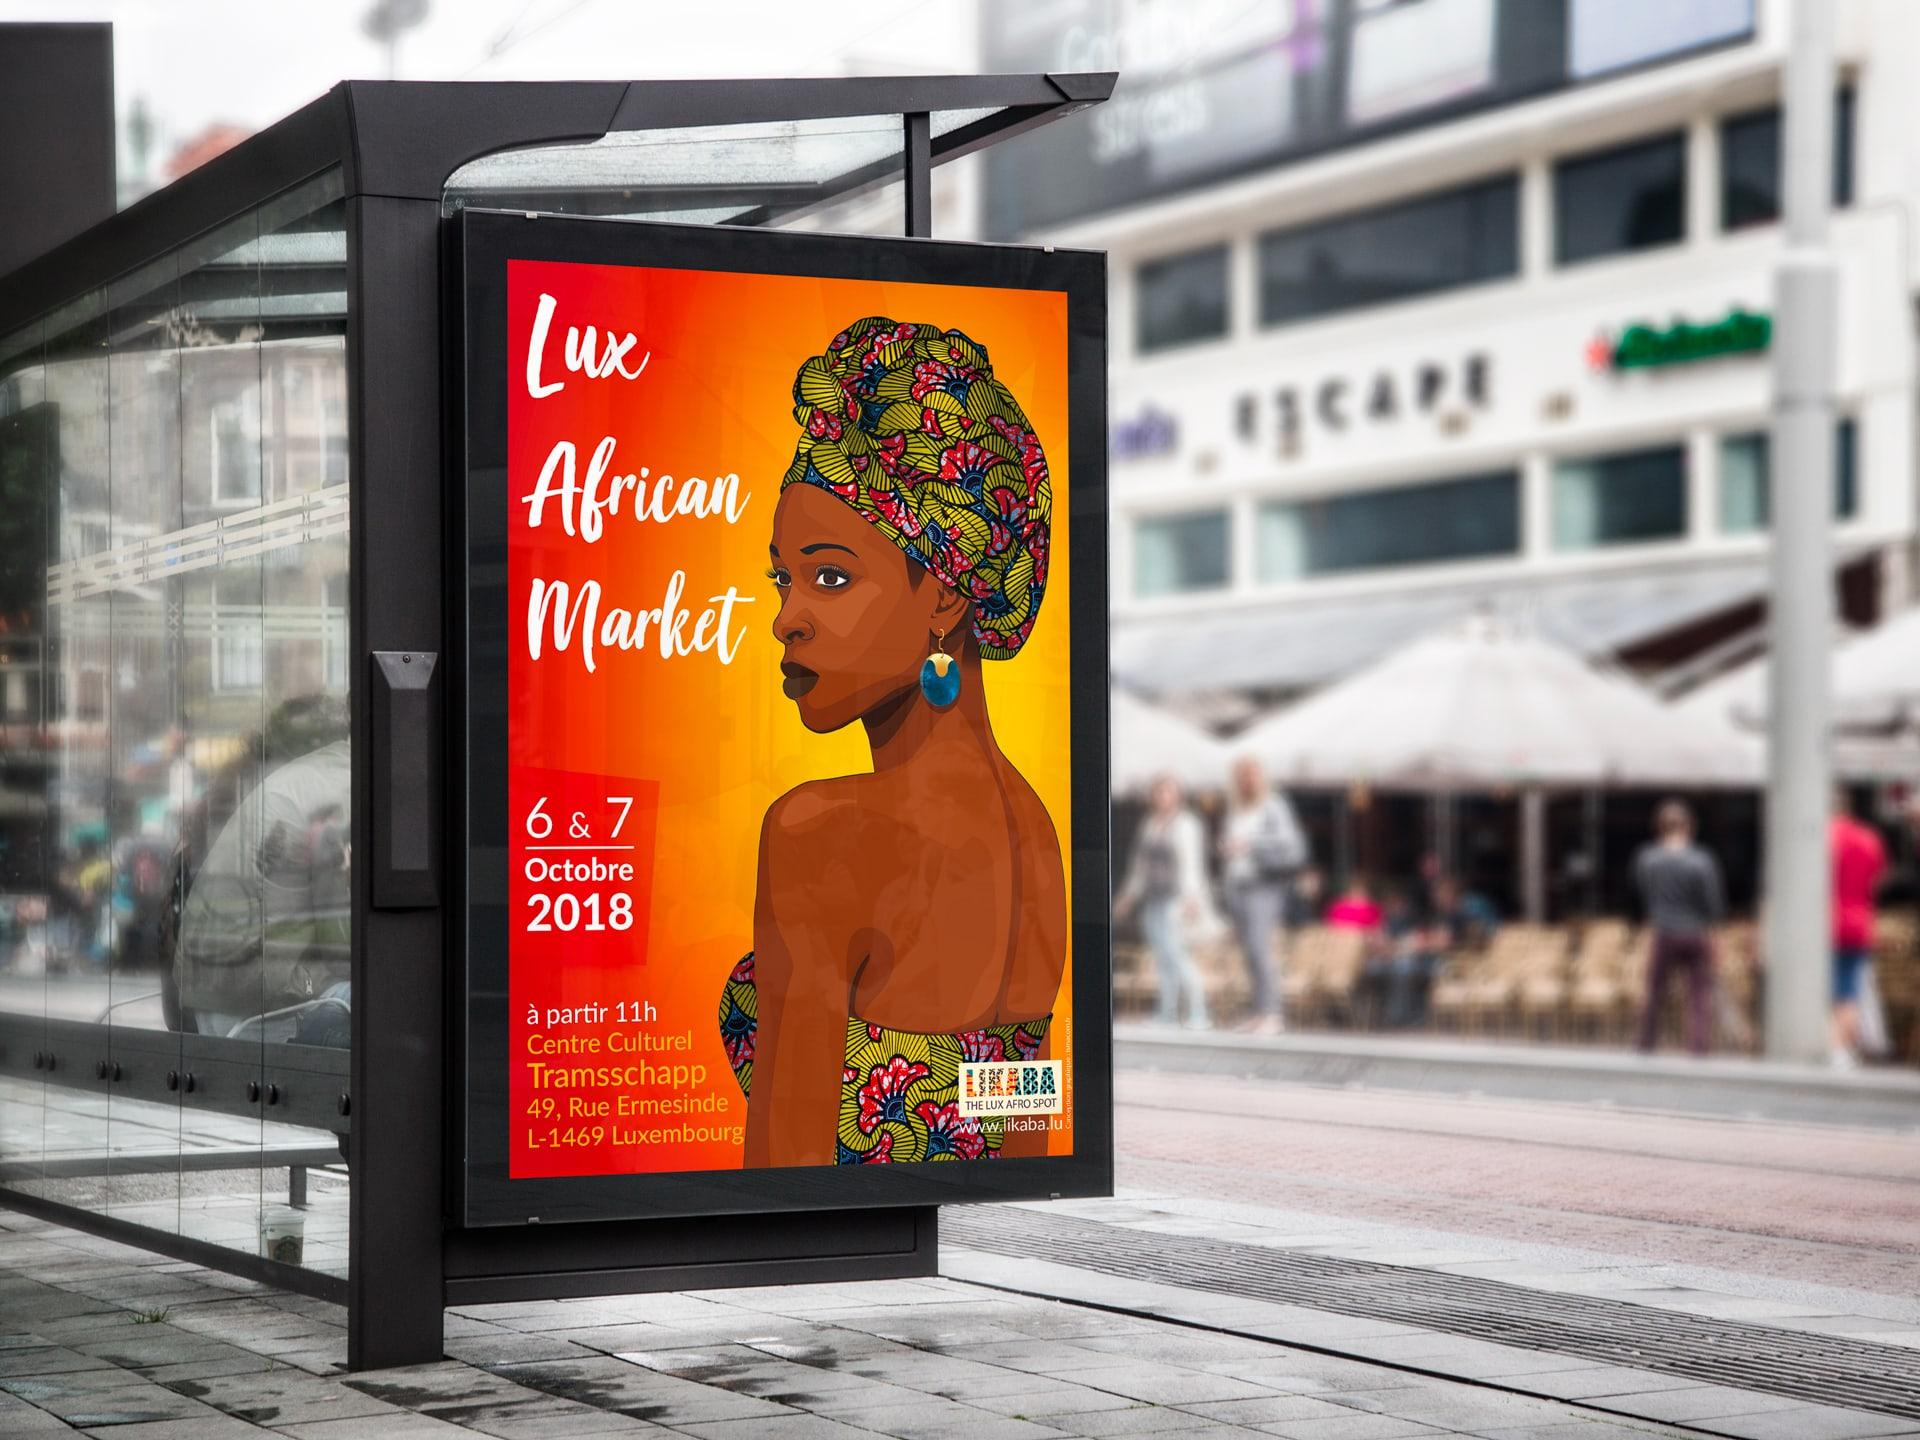 Affiche de l'evenement Lux African Market 2018 présenté sur un arrêt de bus